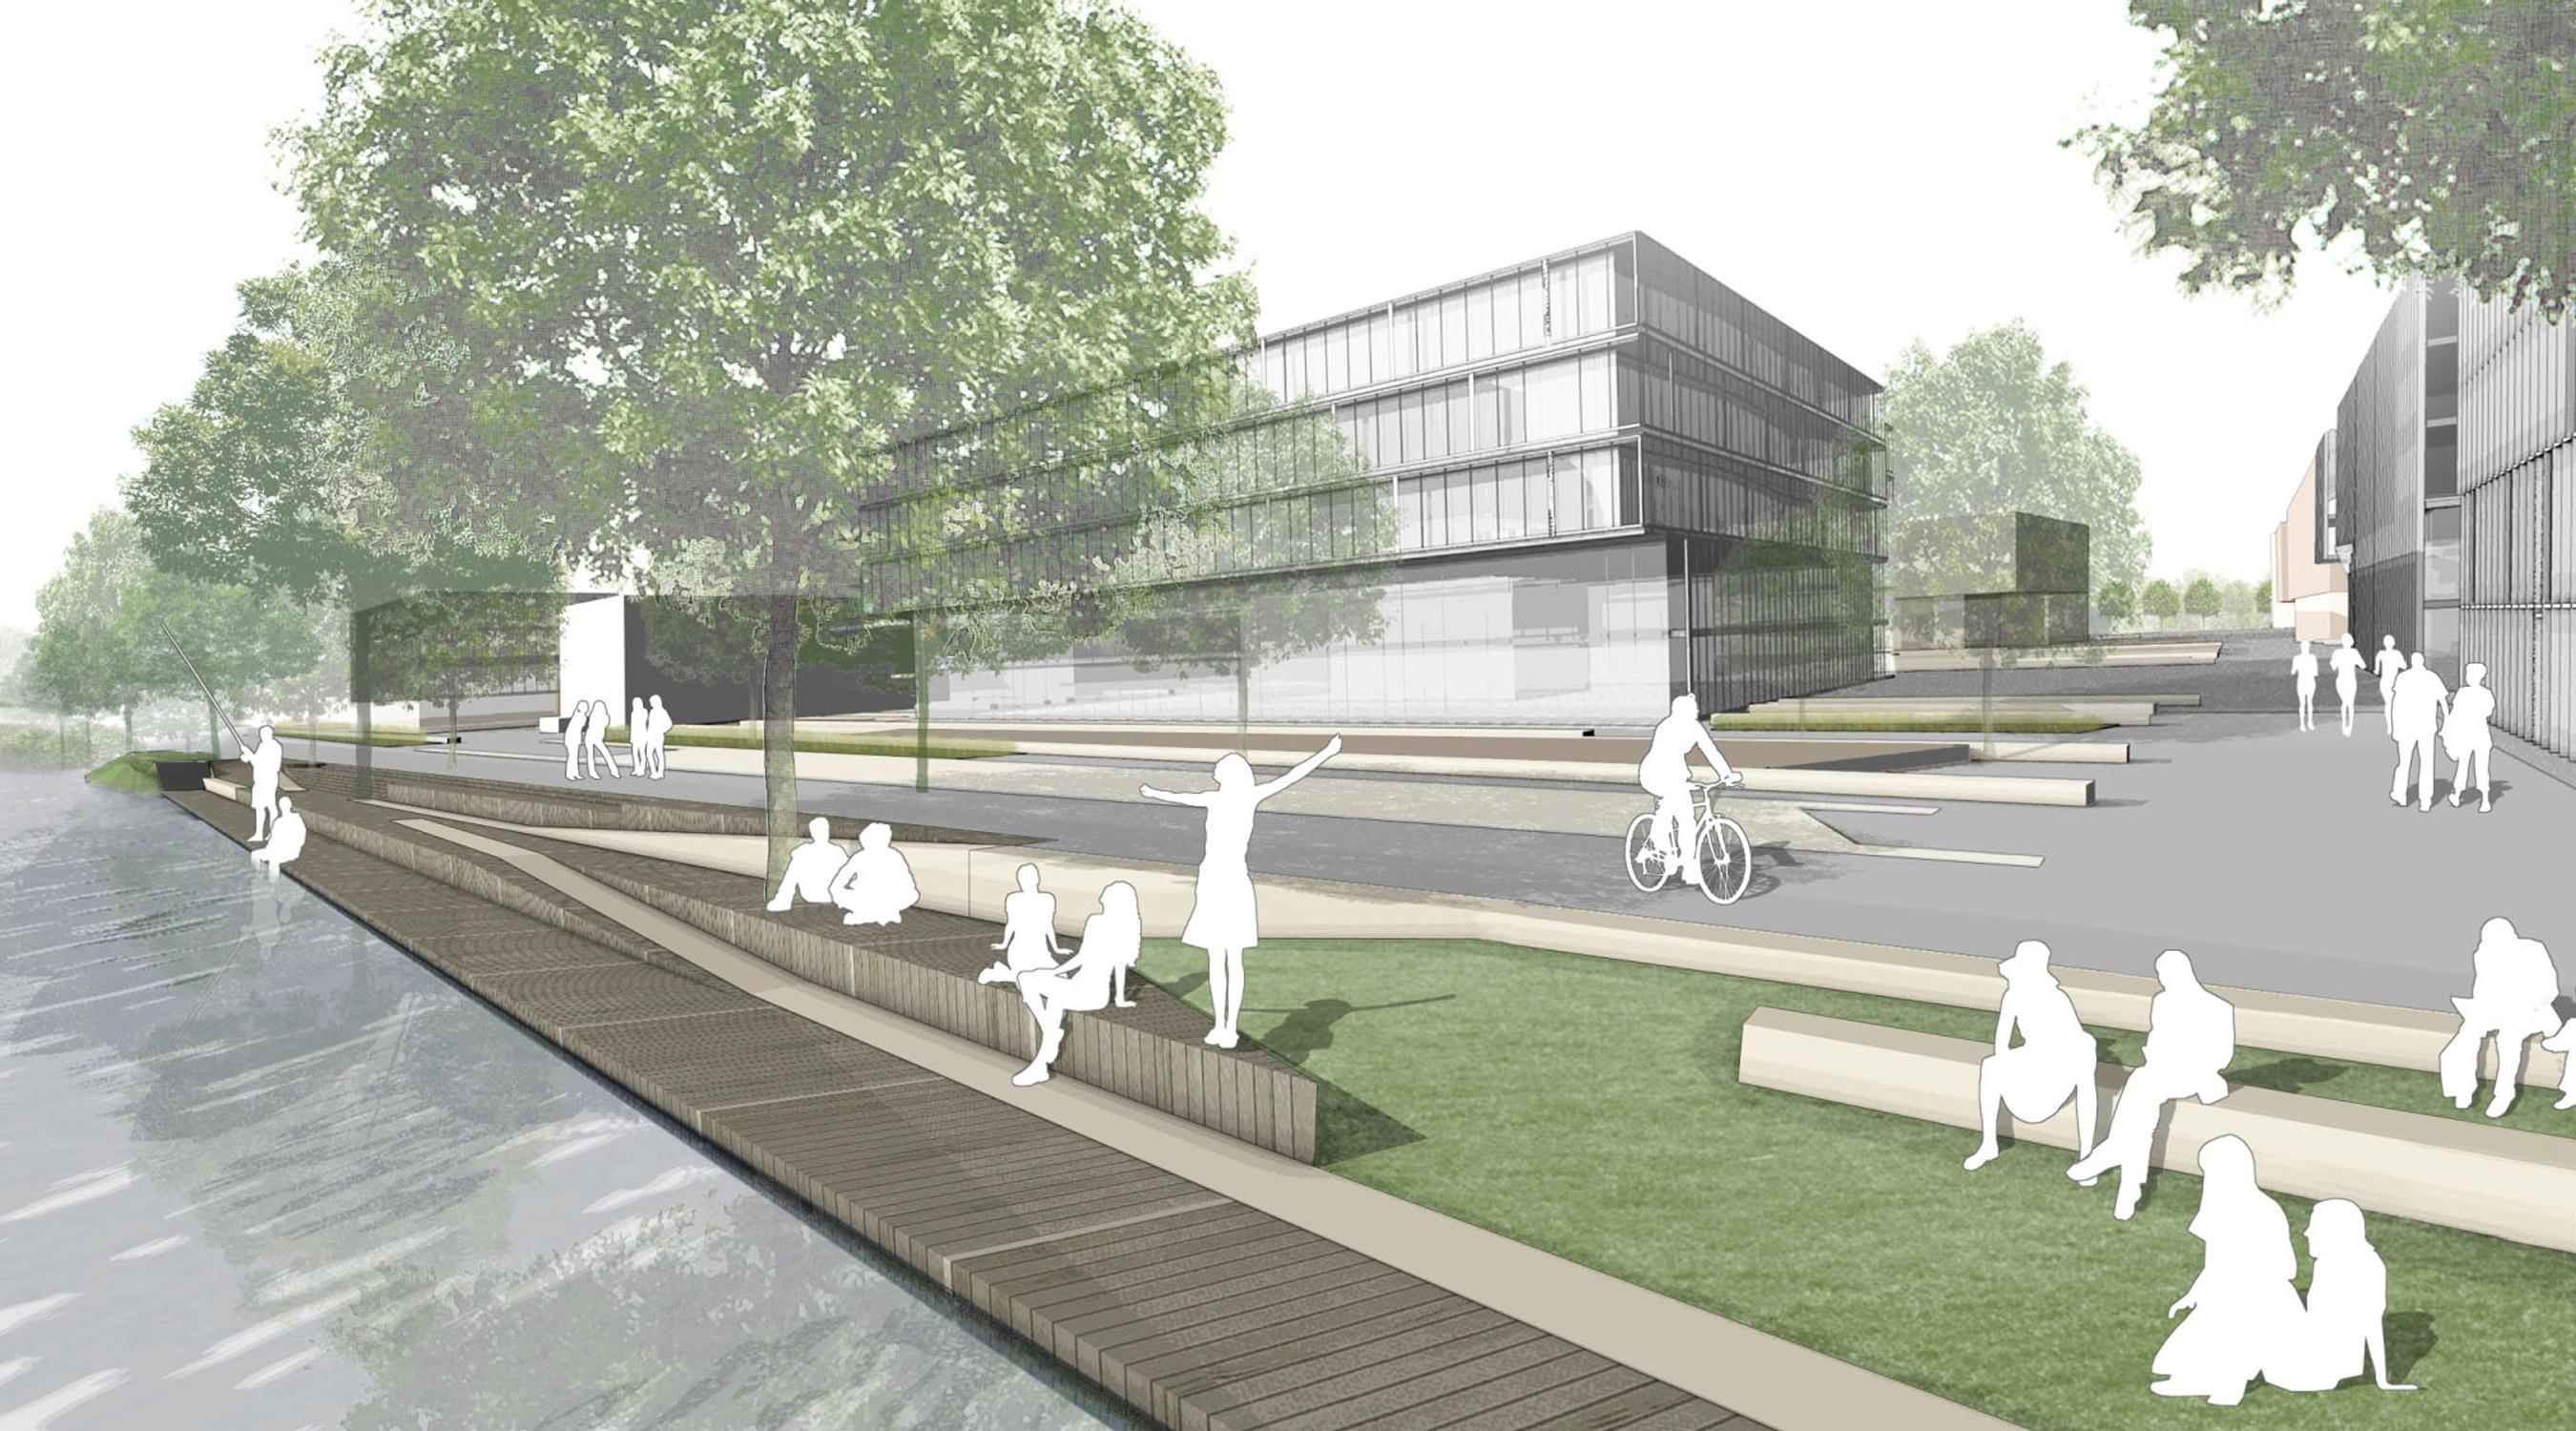 Erweiterung Campus-West TU Berlin Landwehrkanal